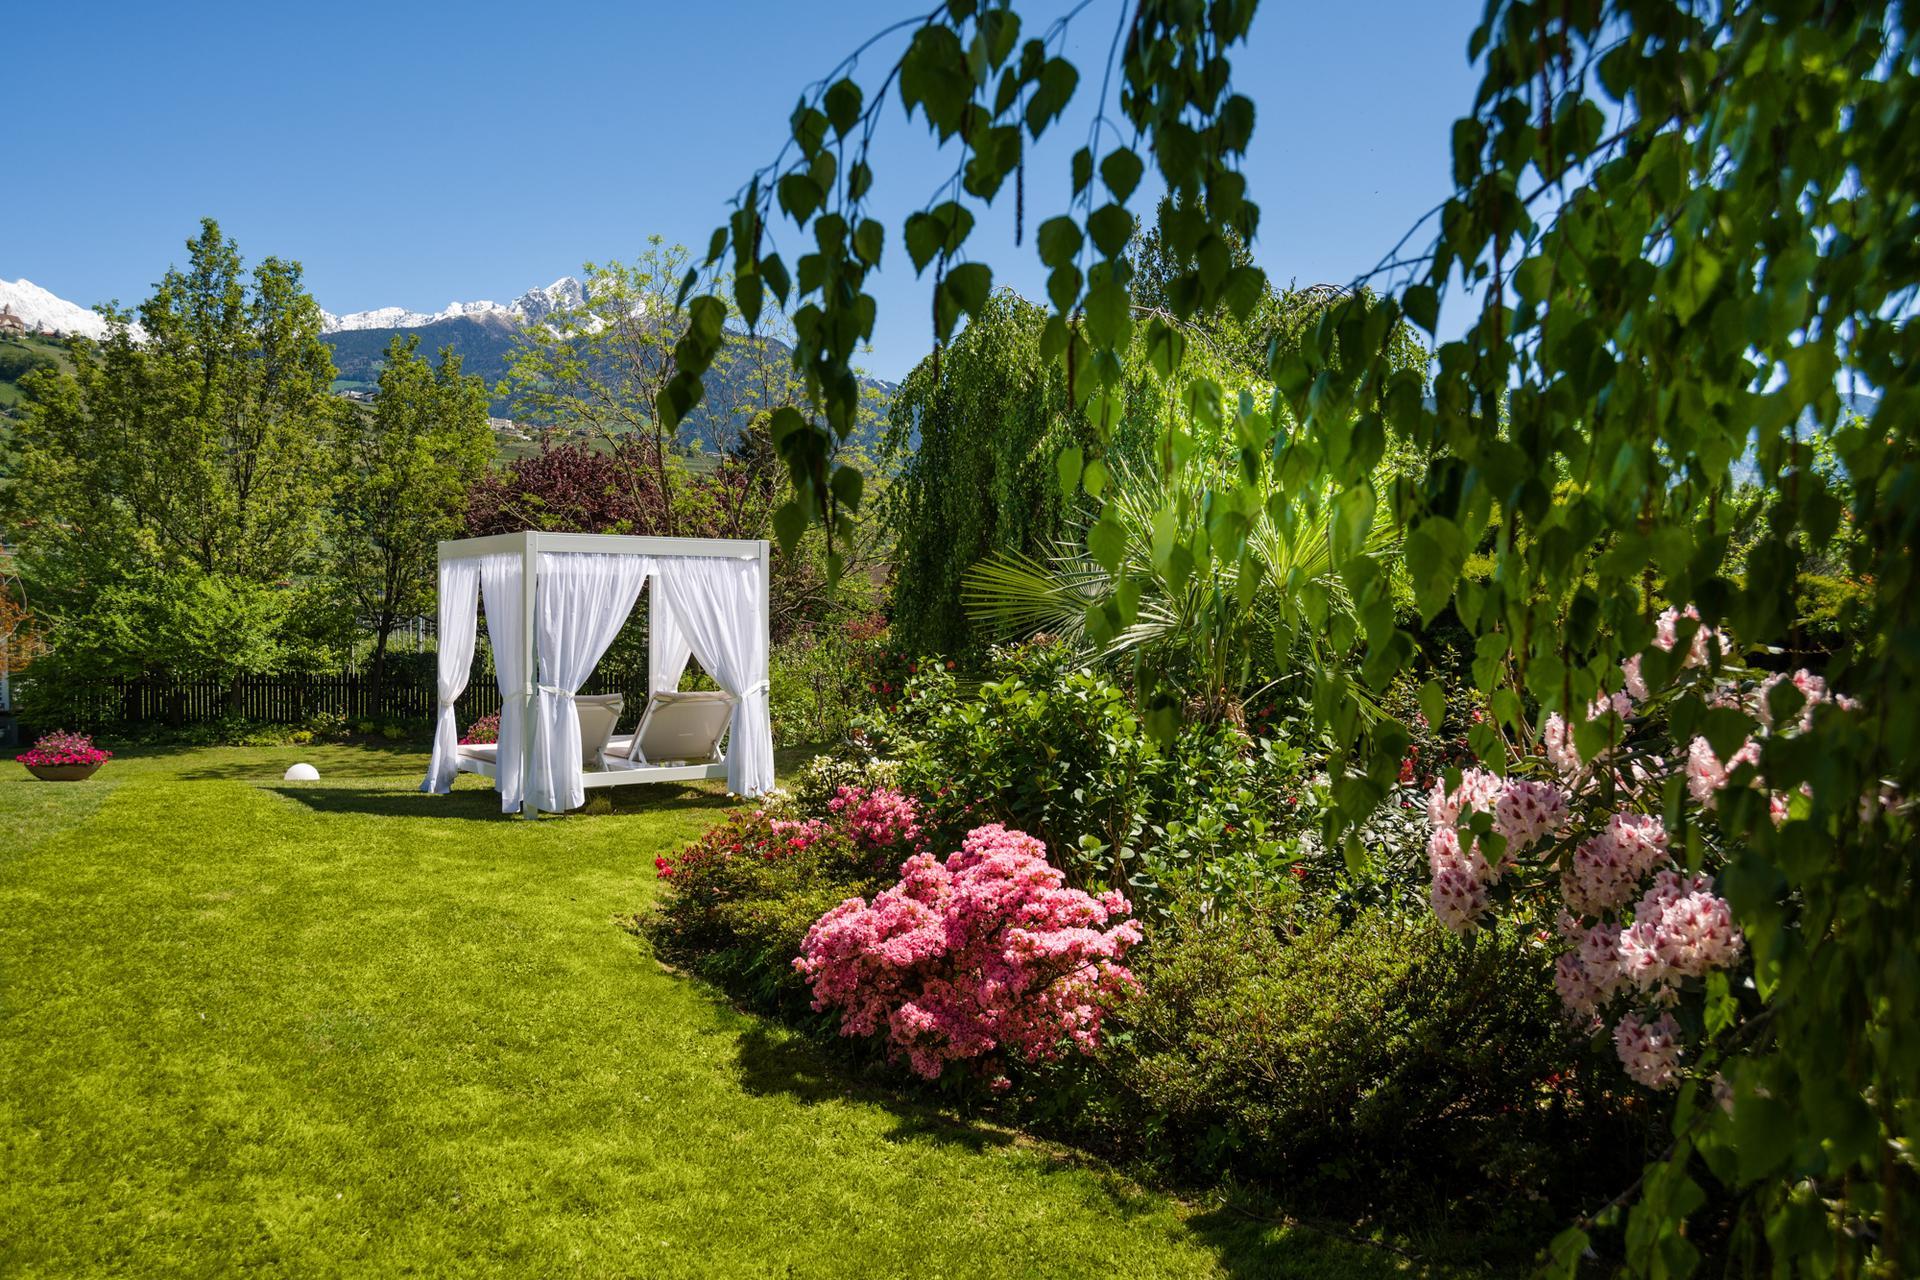 oase der ruhe im kleinen garten - fresh ideen für das interieur